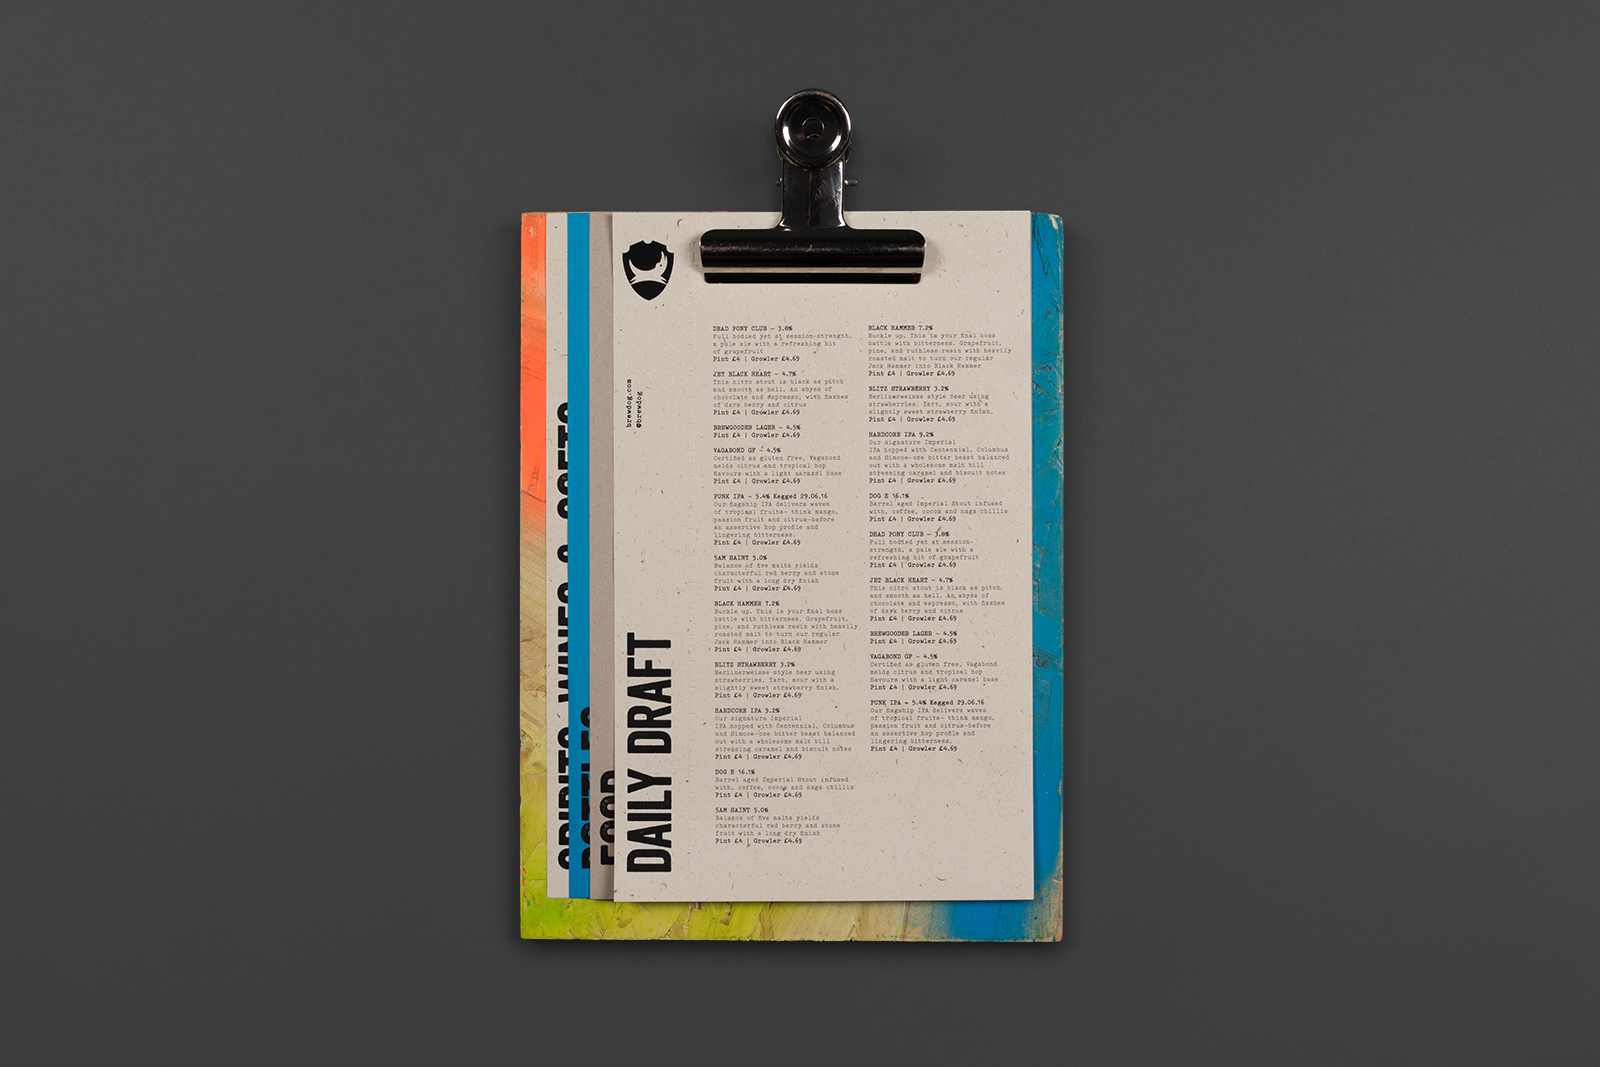 ostreet-brewdog-menu-1